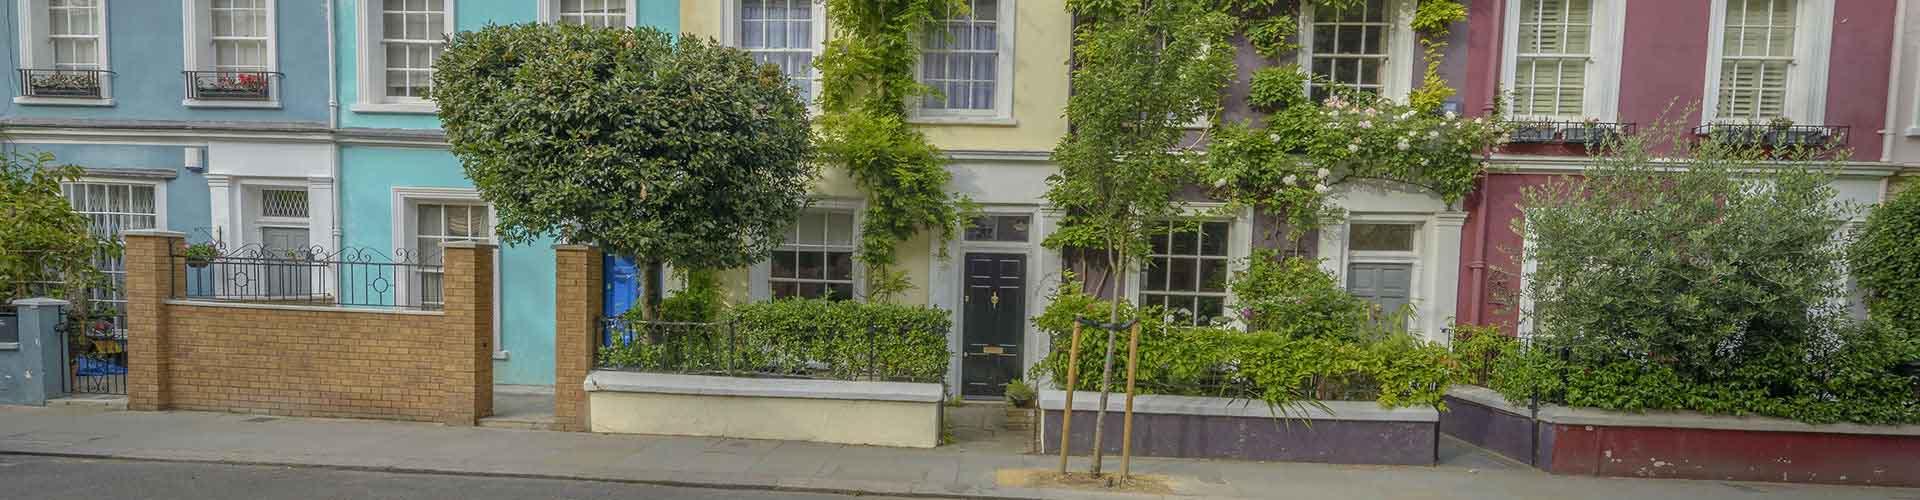 London – Hostels im Stadtteil Notting Hill. London auf der Karte. Fotos und Bewertungen für jedes Hostel in London.